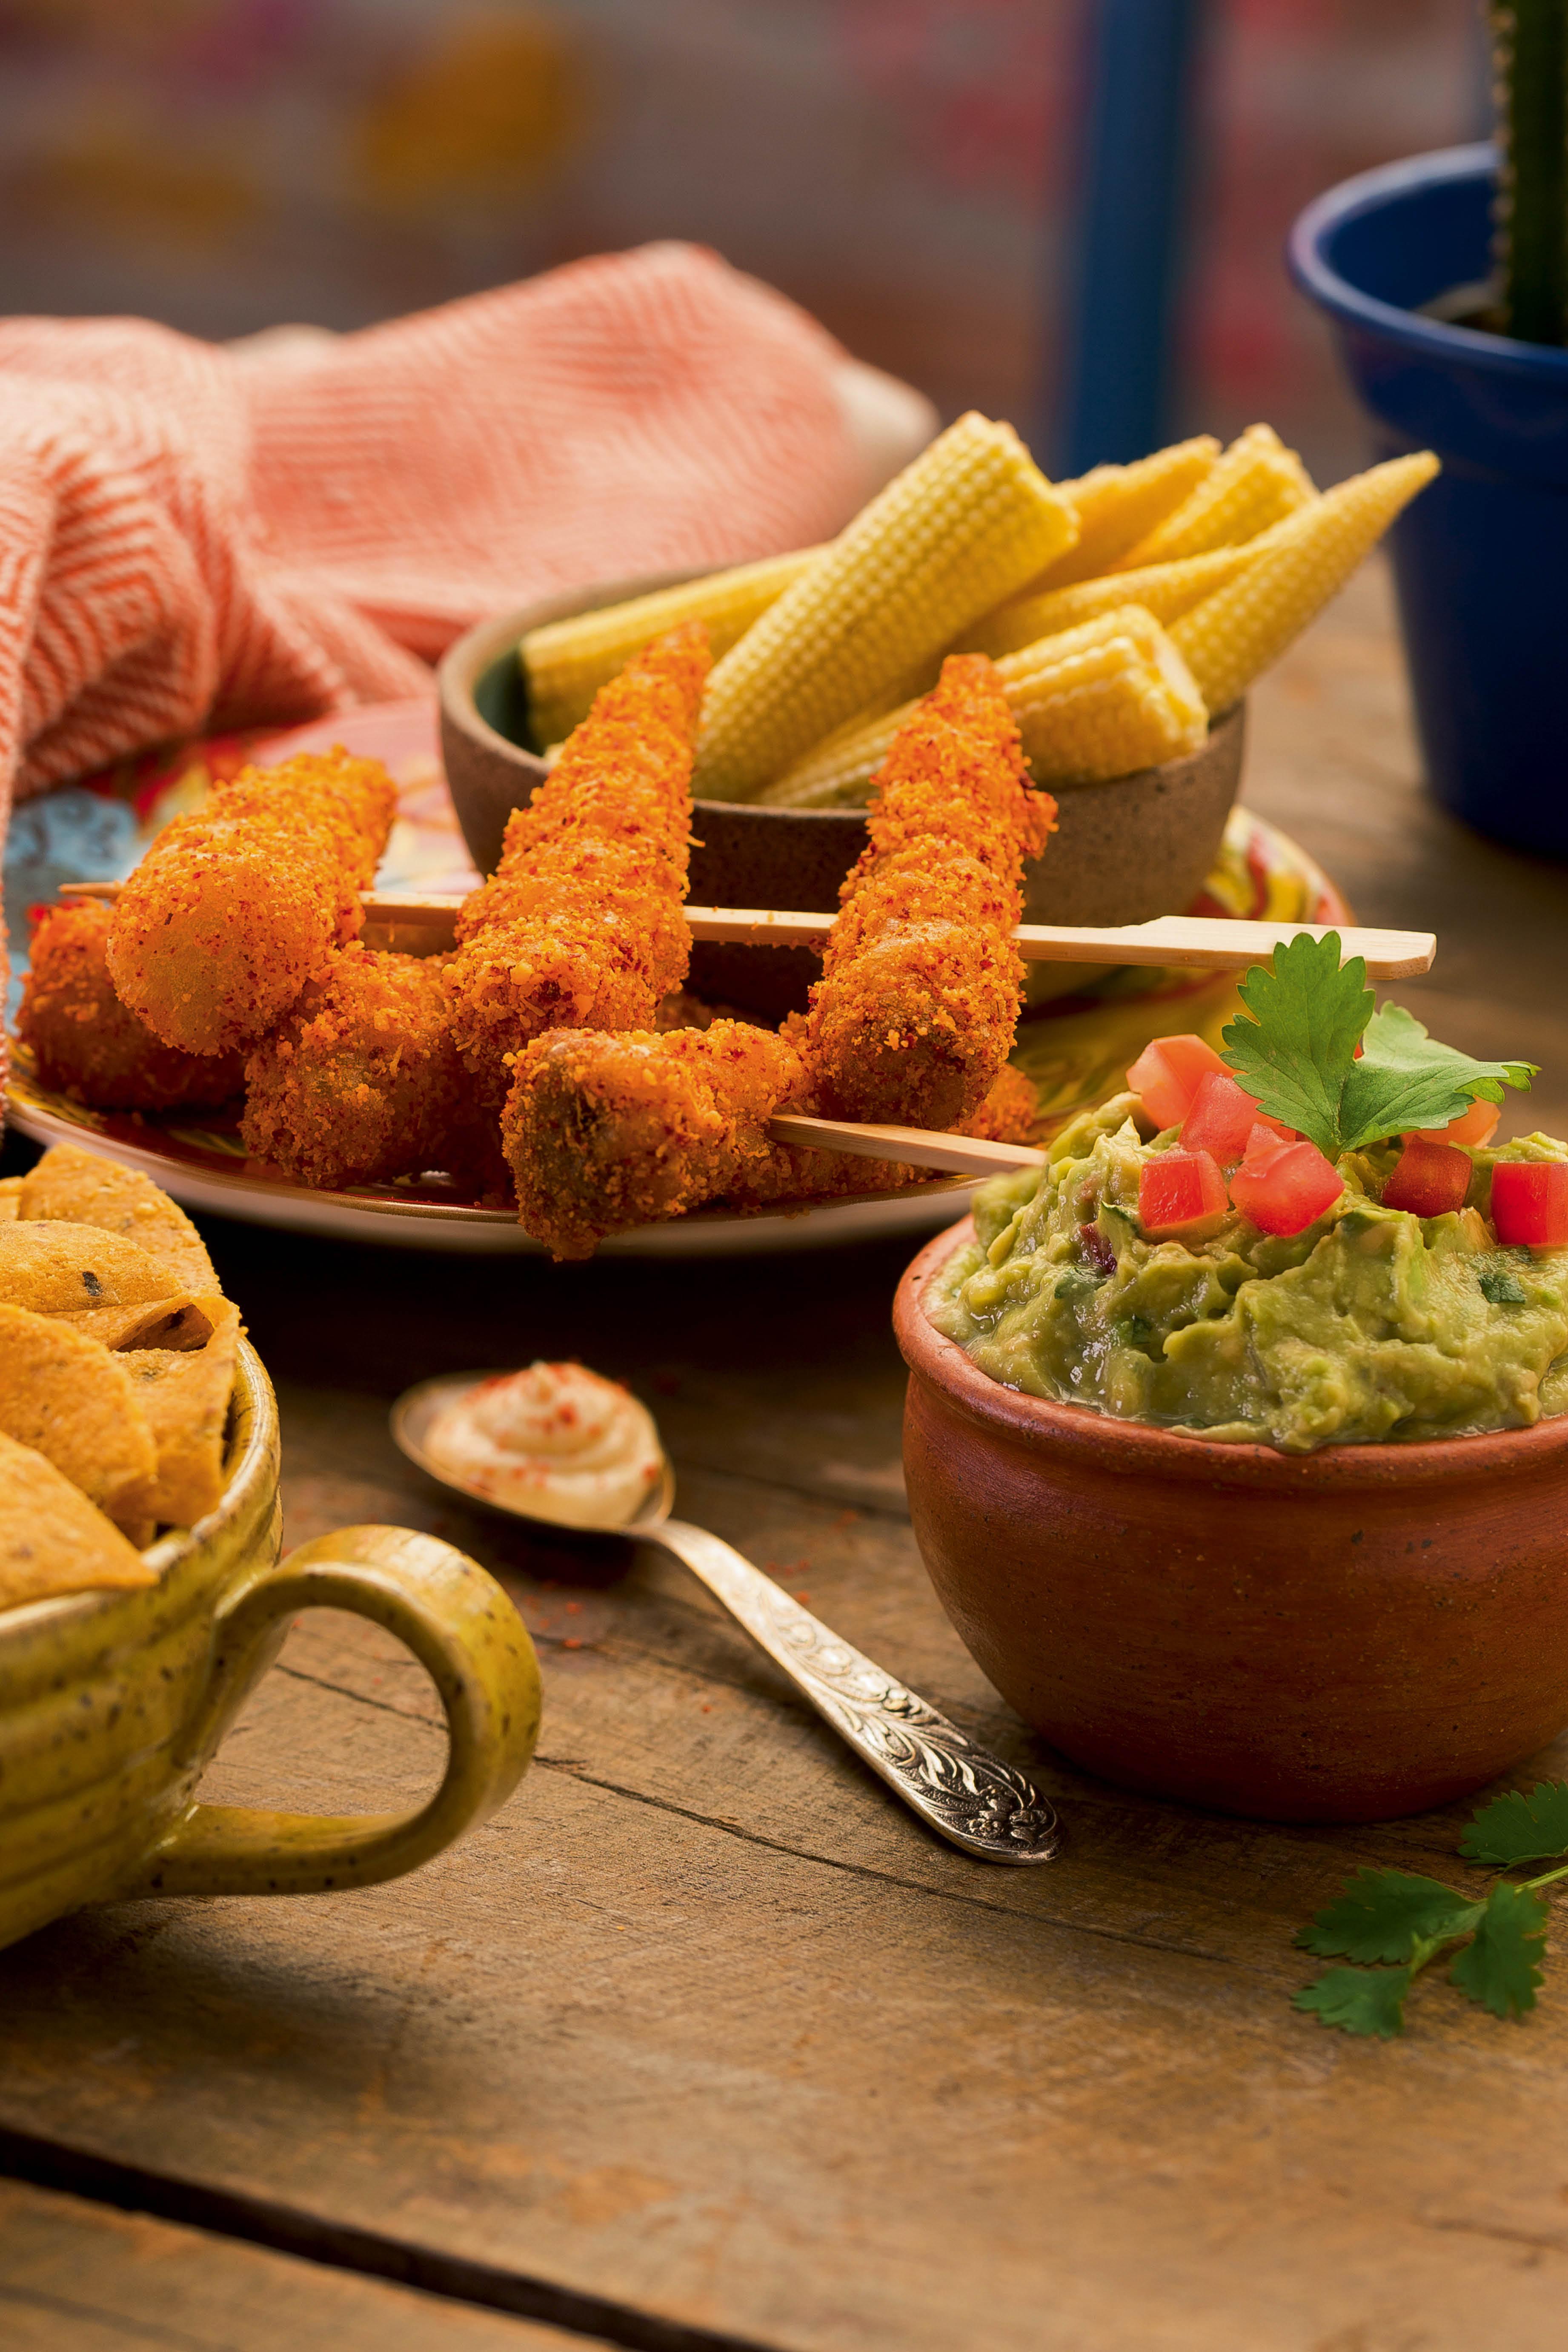 Elotitos callejeros e guacamole, receitas do Lupe, Bar y Taqueria